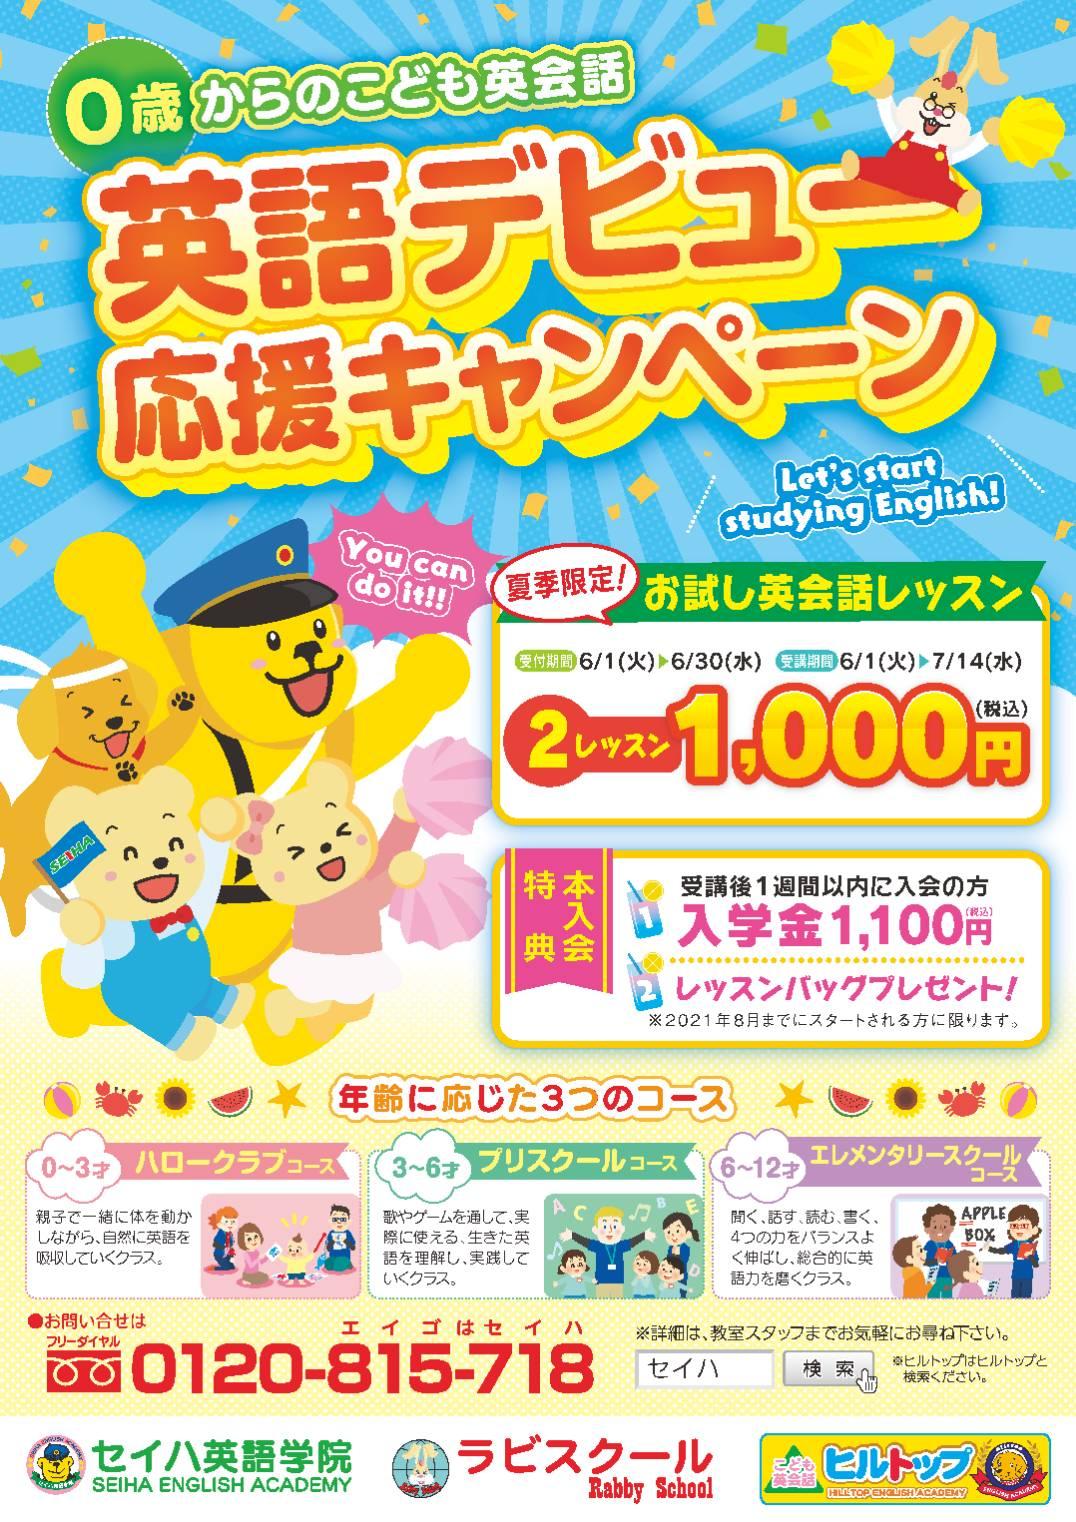 セイハ英語学院英語デビュー応援キャンペーン.JPG